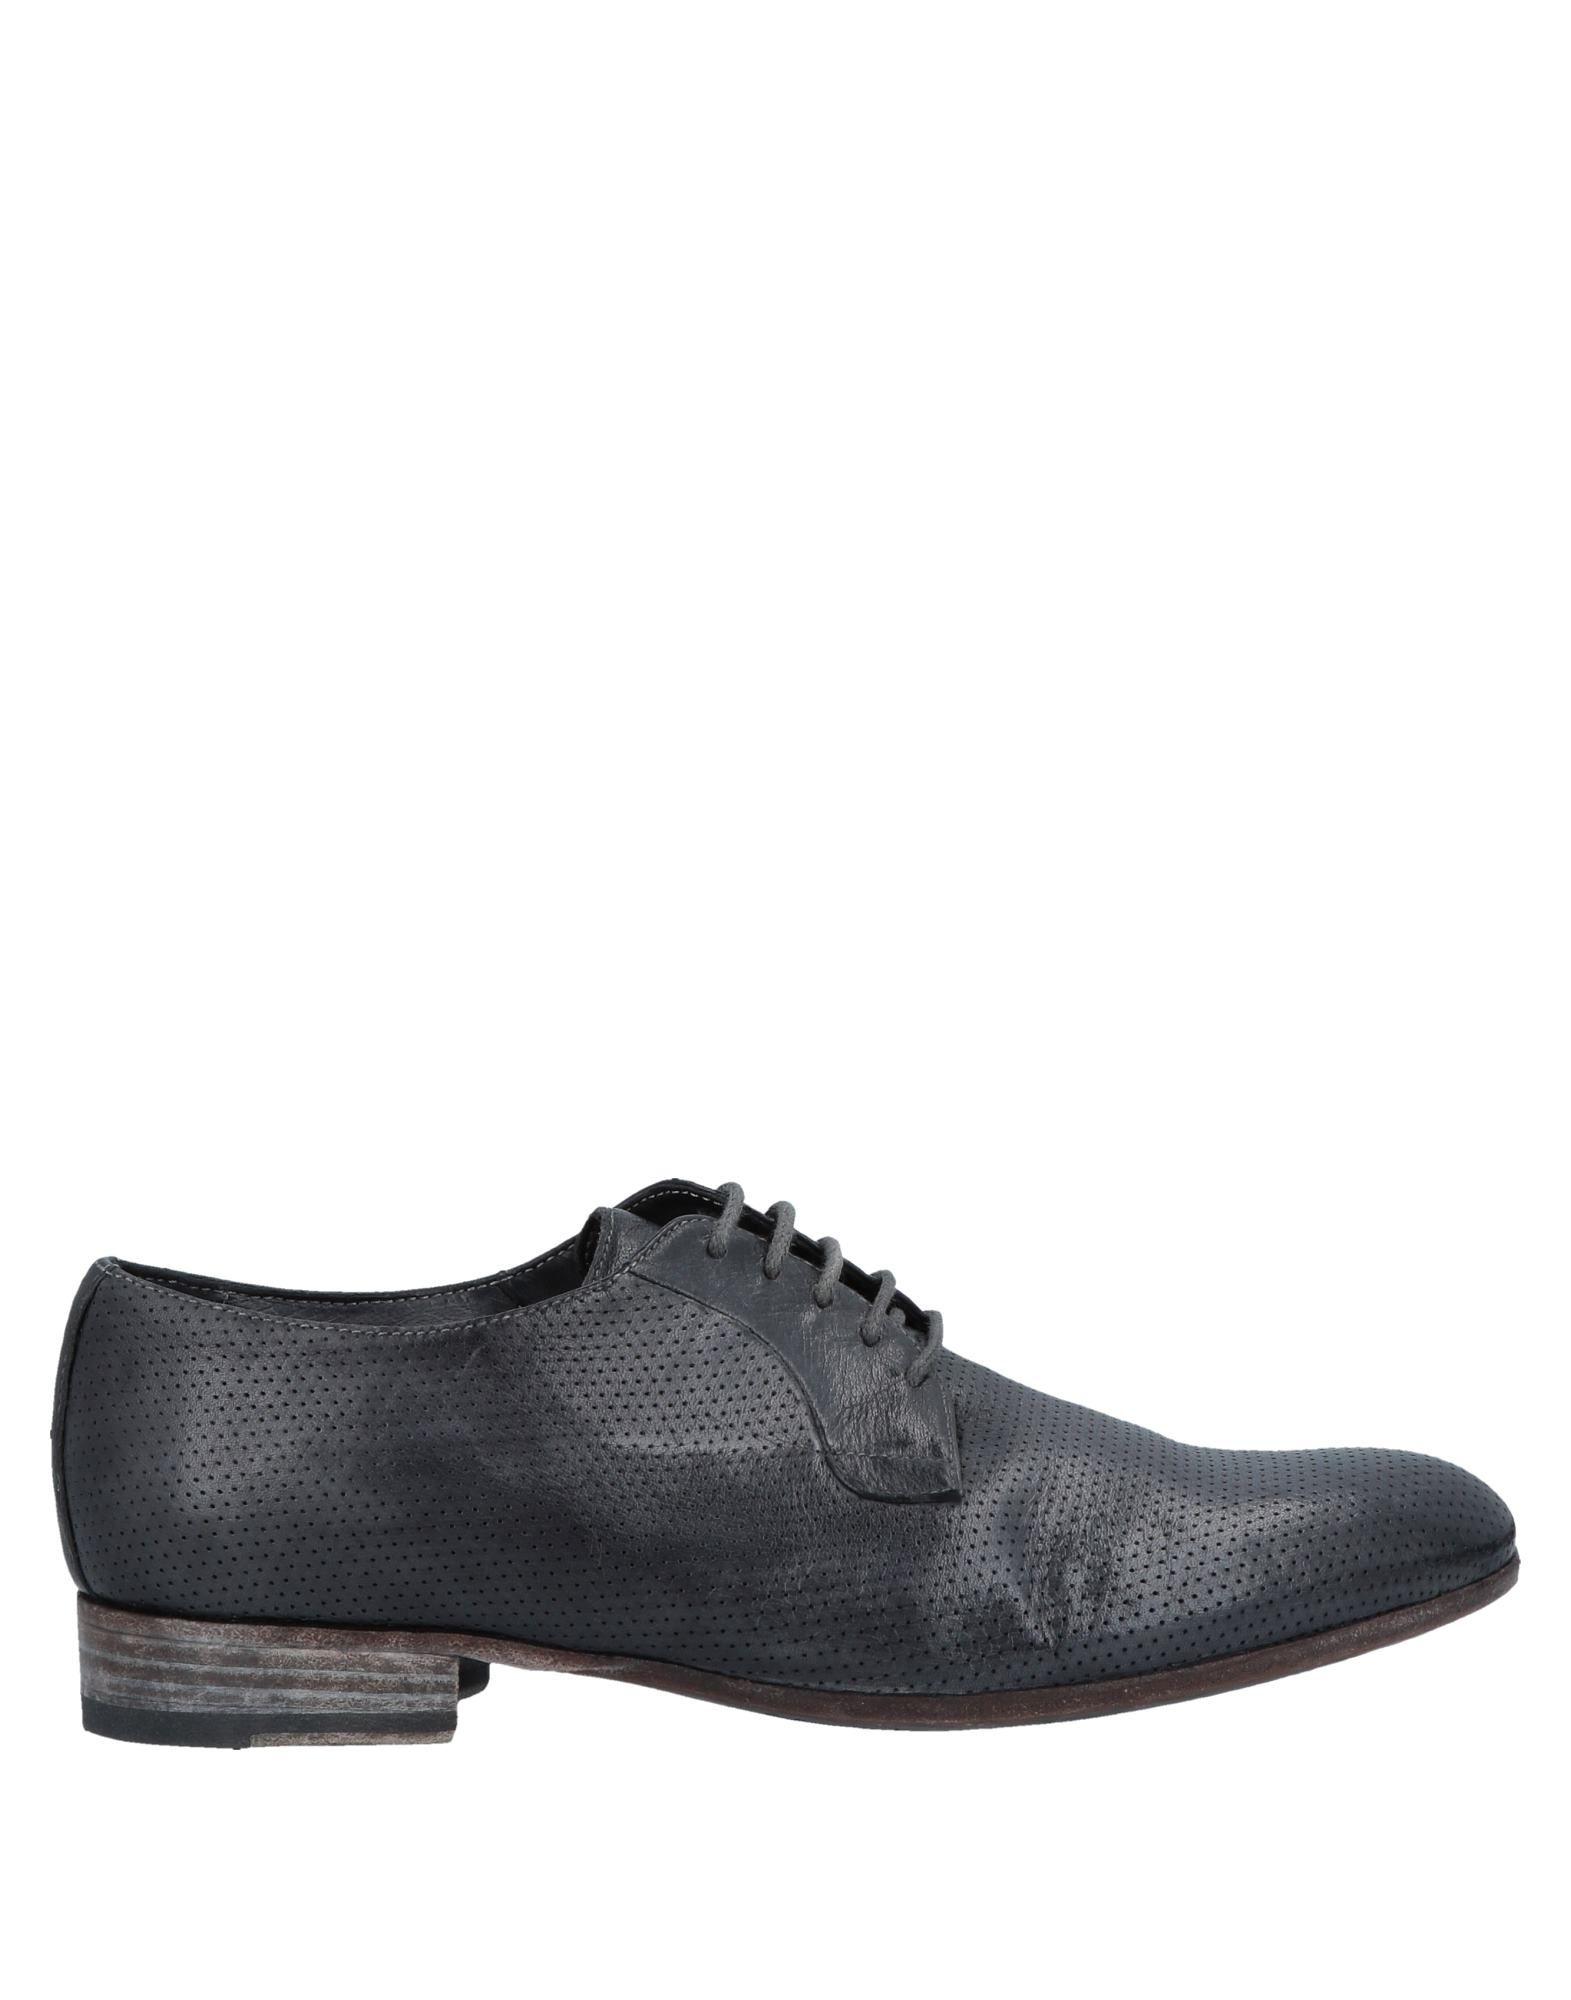 Фото - CORVARI Обувь на шнурках обувь на высокой платформе dkny